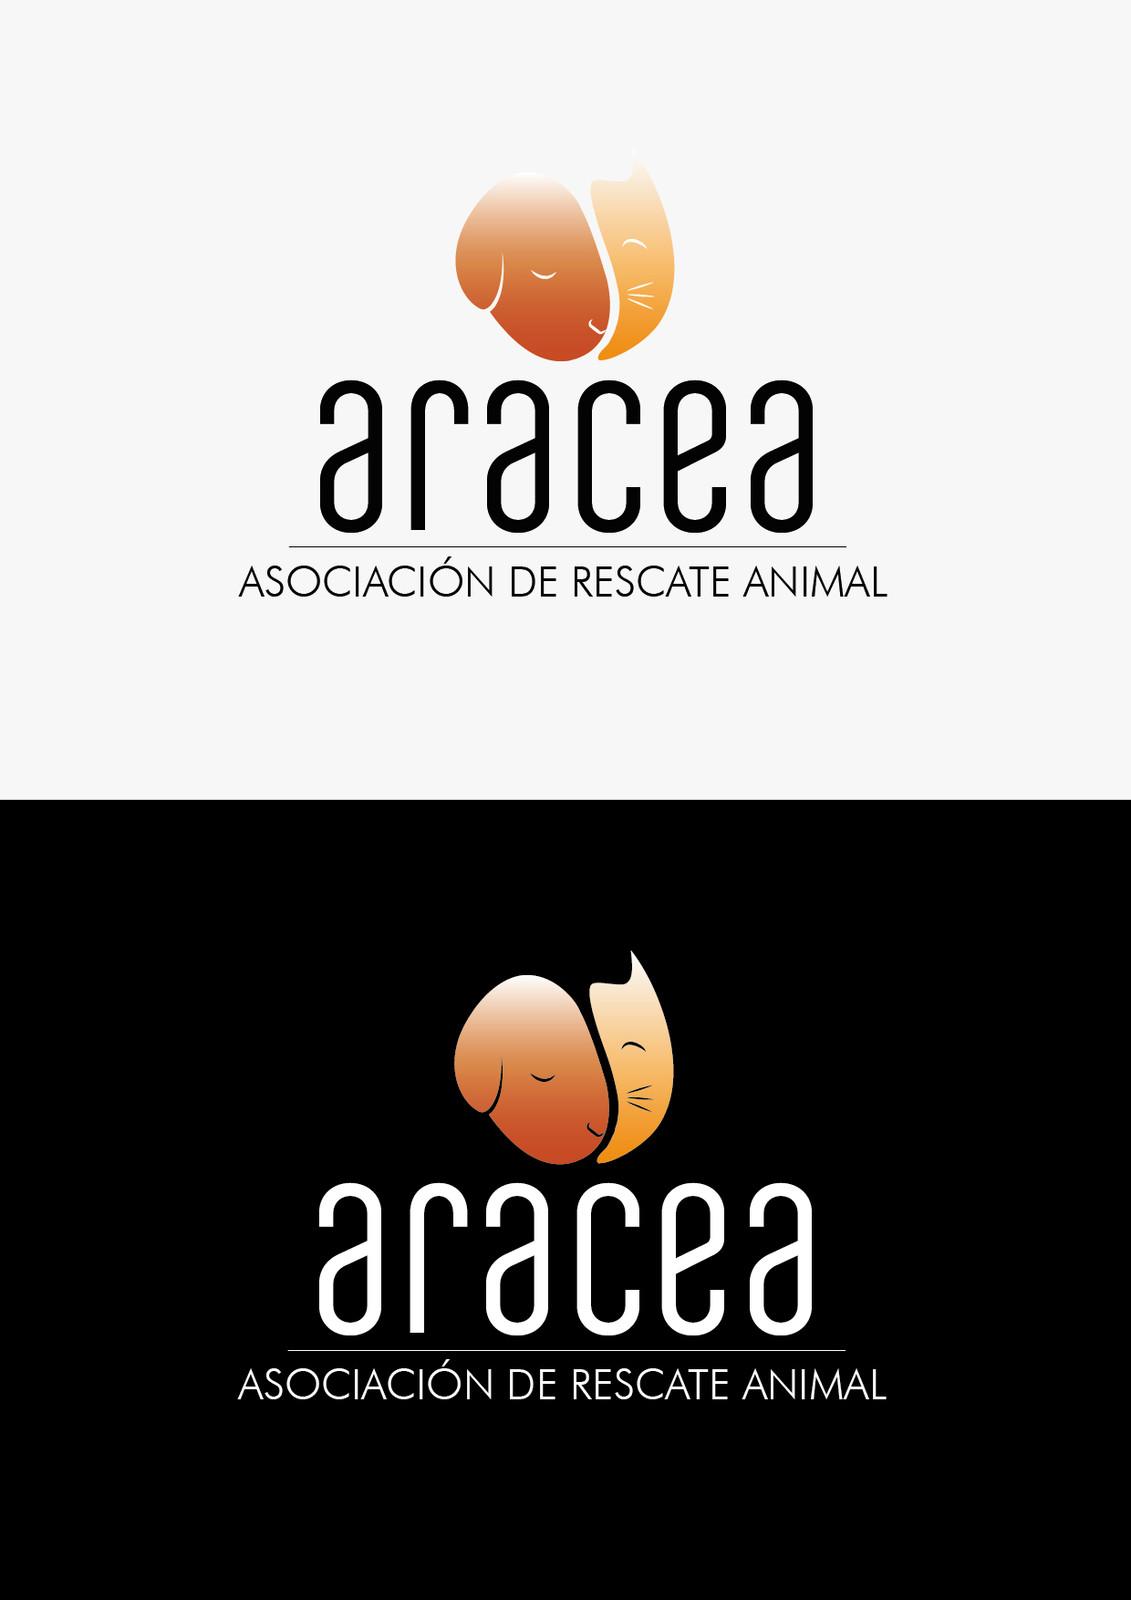 Logo // Aracea